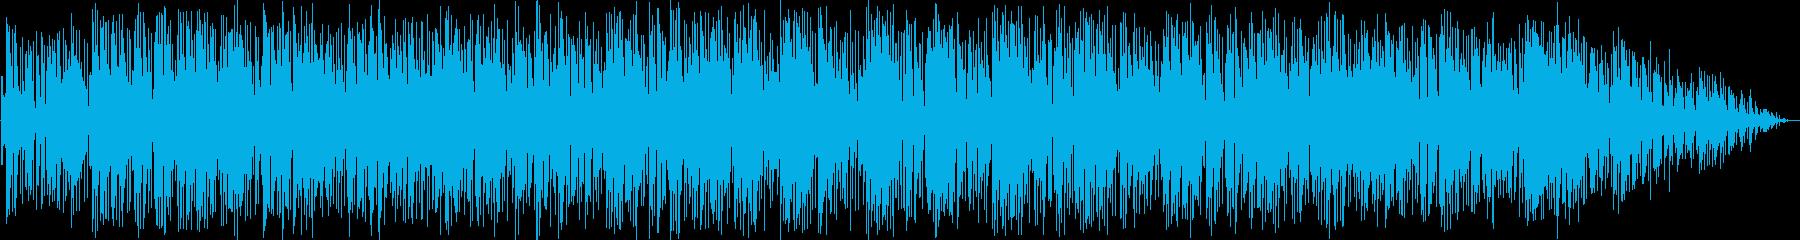 明るいテンポのあるギター音の再生済みの波形